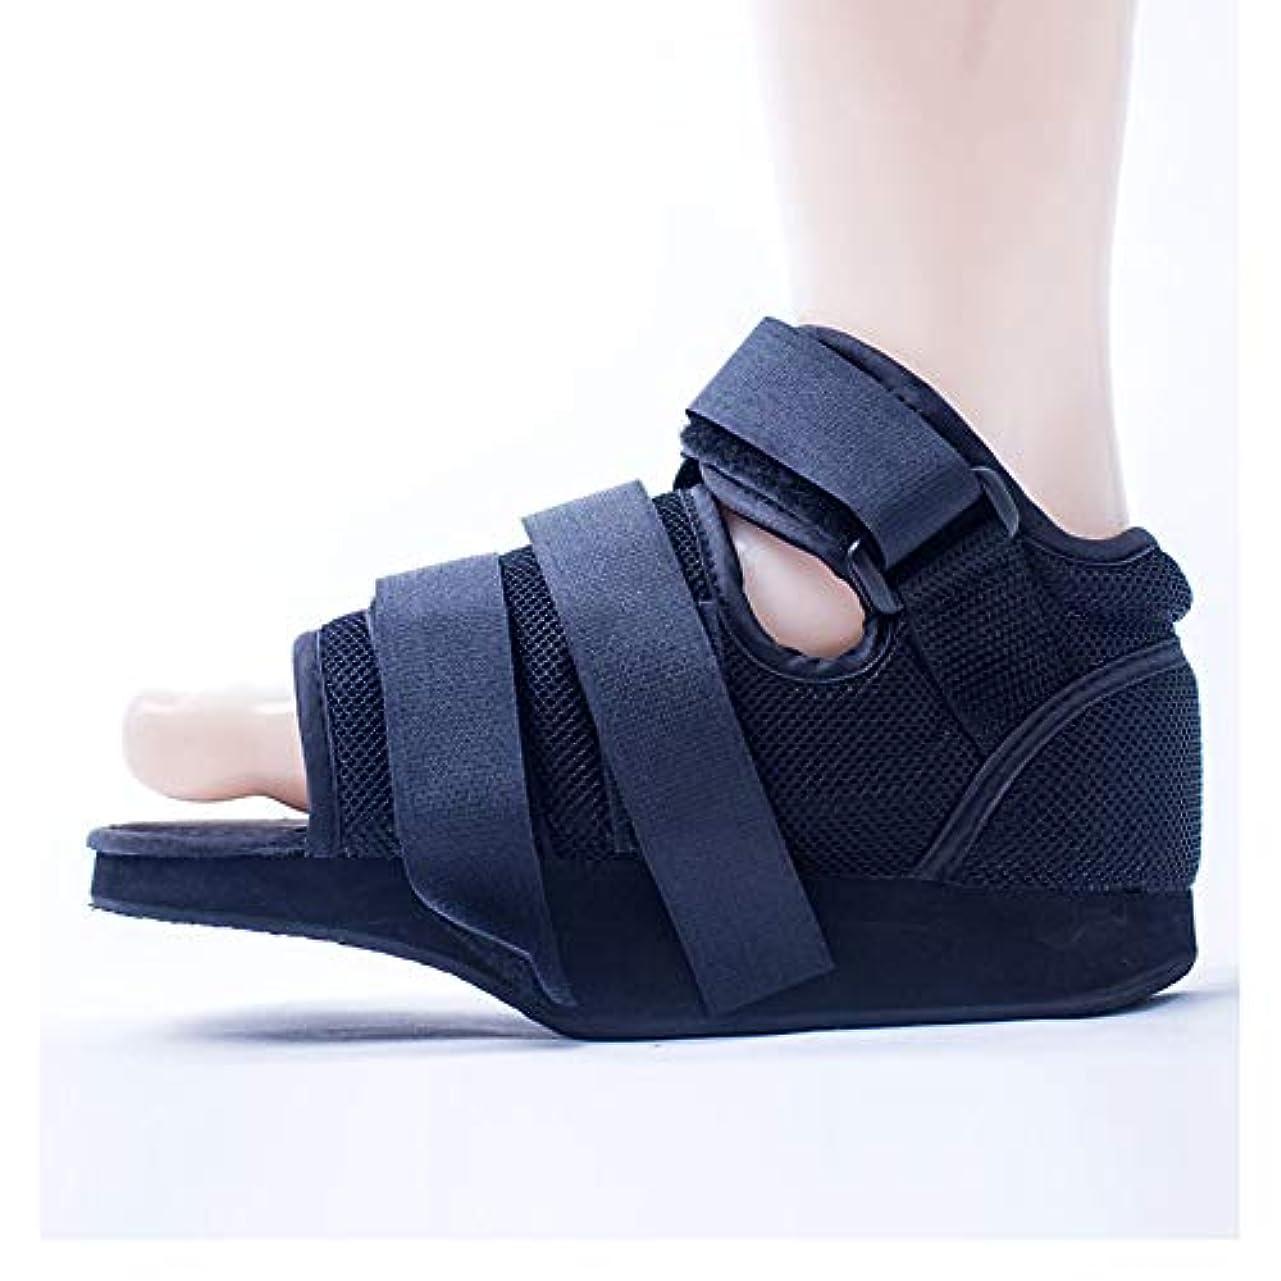 翻訳者パンブーム壊れたつま先/足の骨折のための術後スクエアトゥウォーキングシューズ - ボトムキャストシューズ術後の靴 - 調節可能な医療ウォーキングブーツ (Size : L)